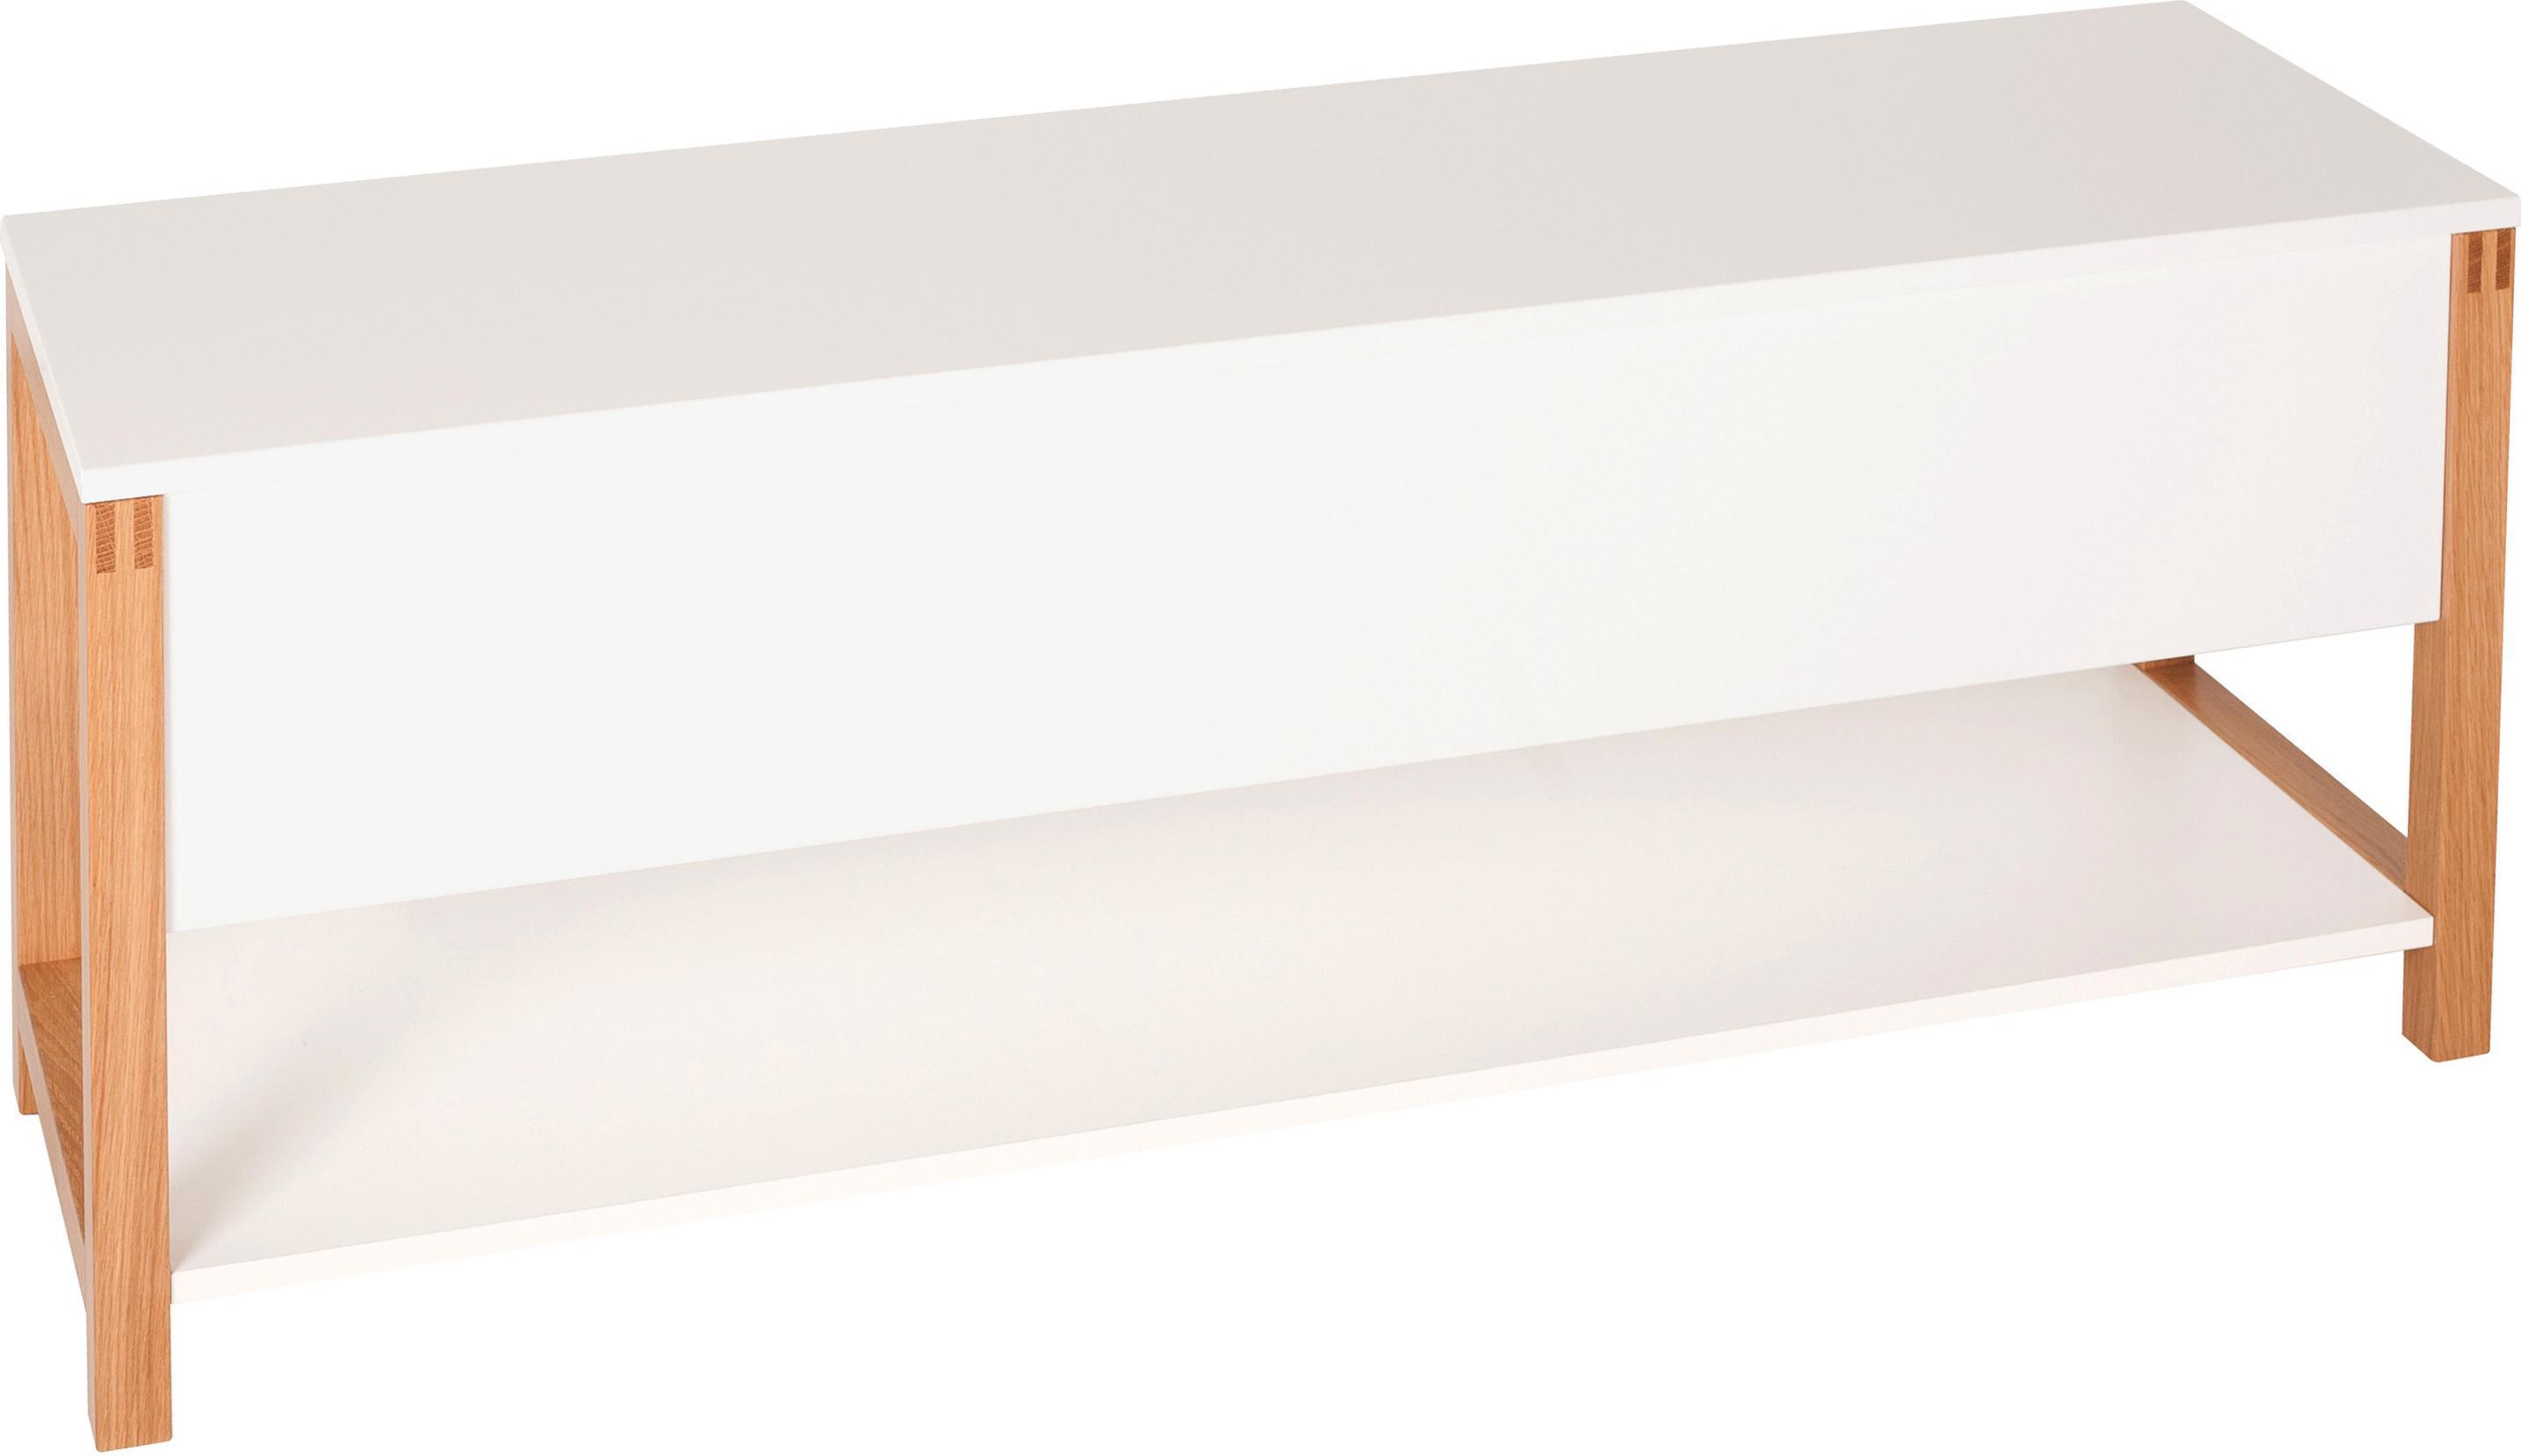 Ławka Northgate Flip, Biały, 120 x 48 cm